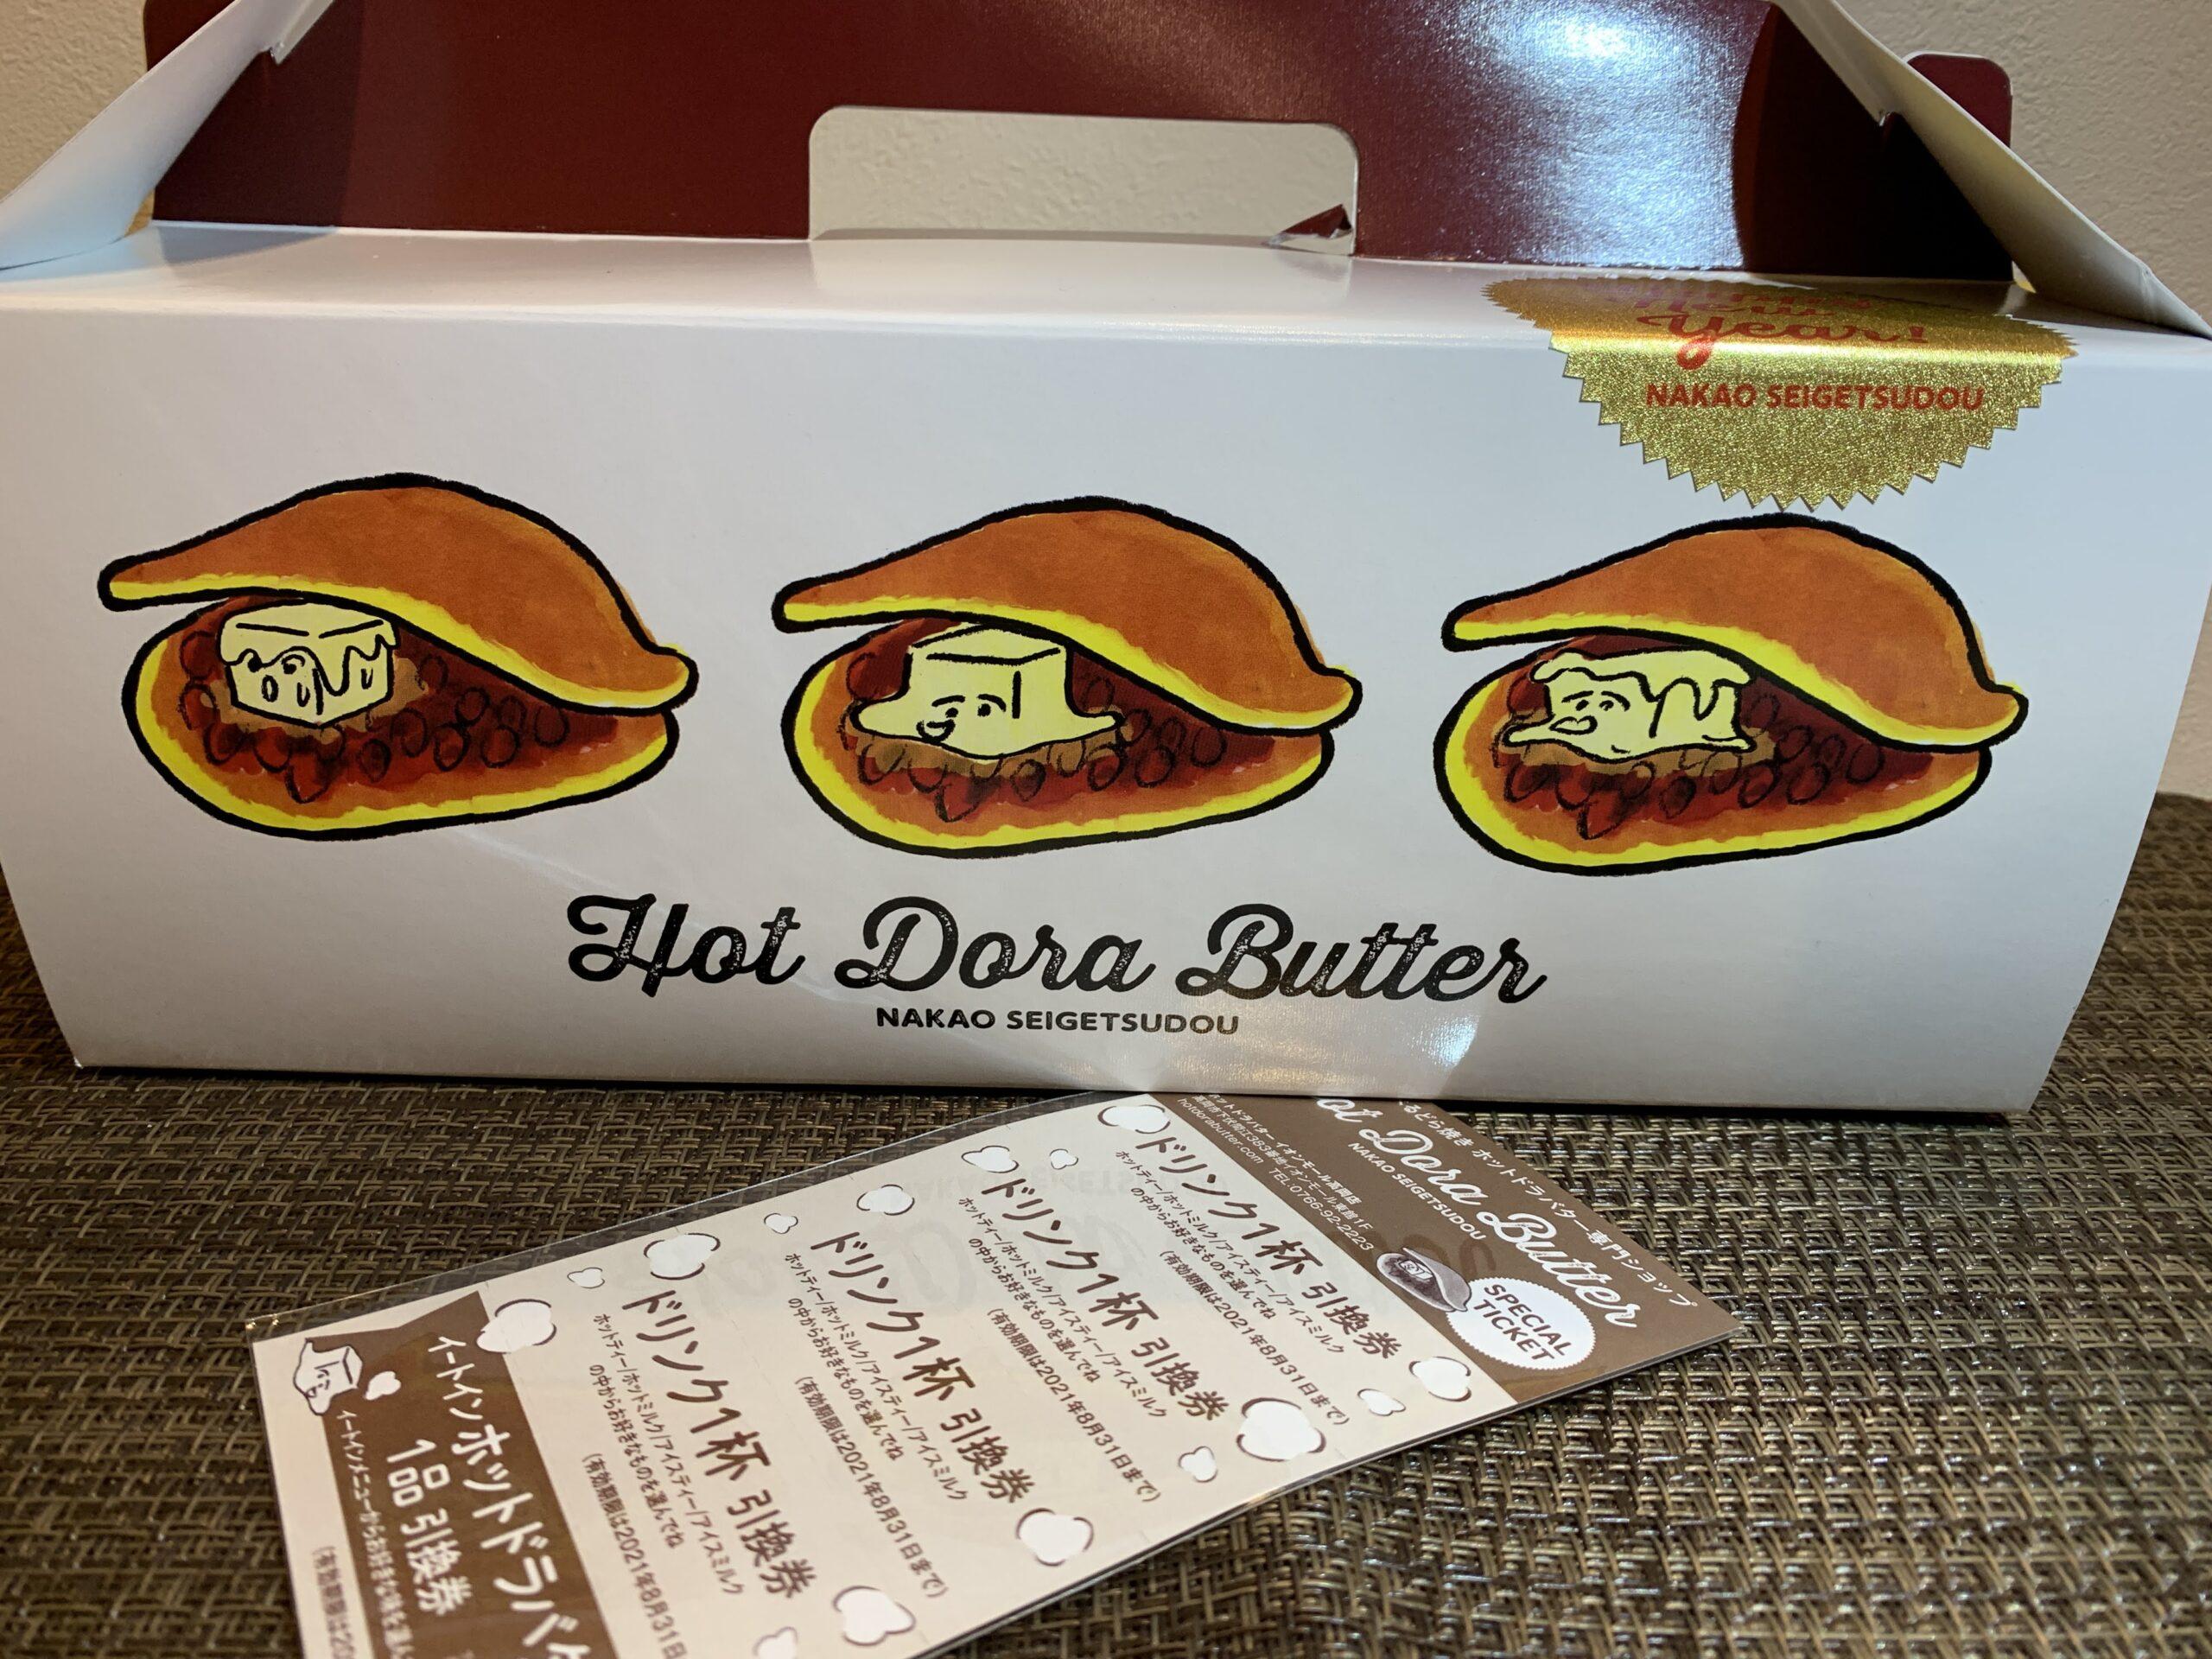 ホットドラバター(中尾清月堂)の福袋の中身は?ホットドラバター食べ比べ